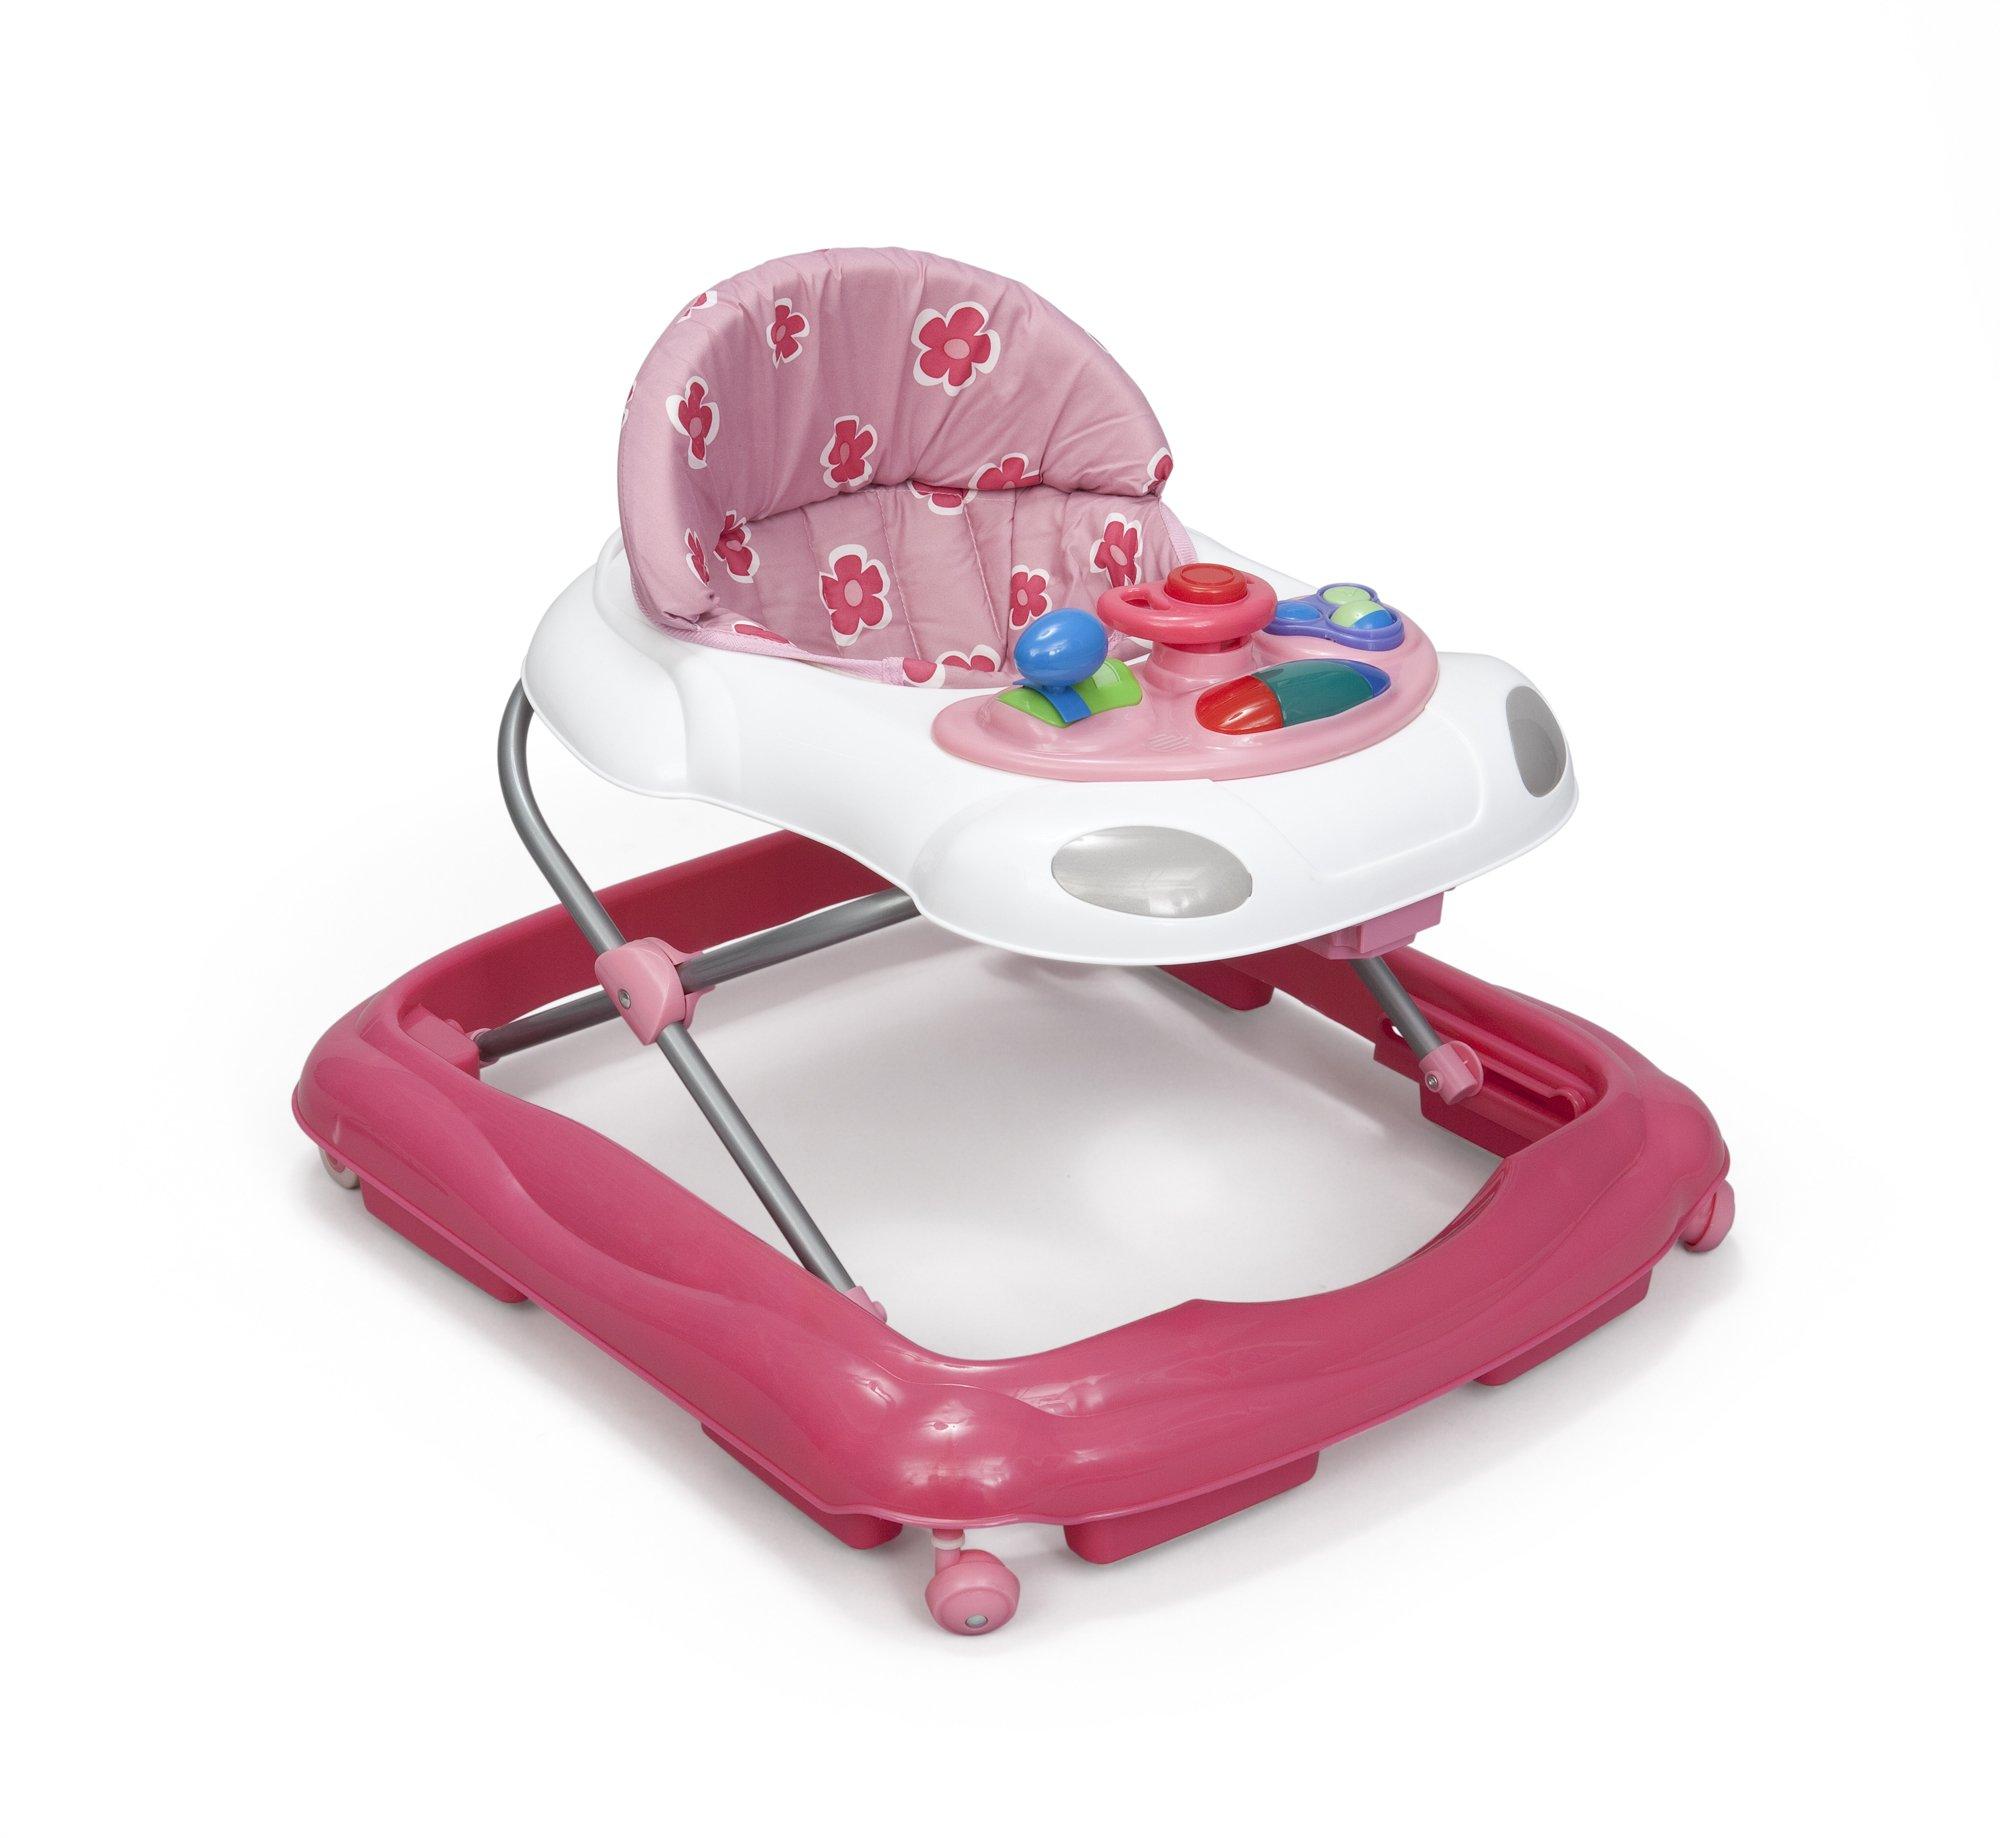 Delta Children Lil' Fun Walker, Pink